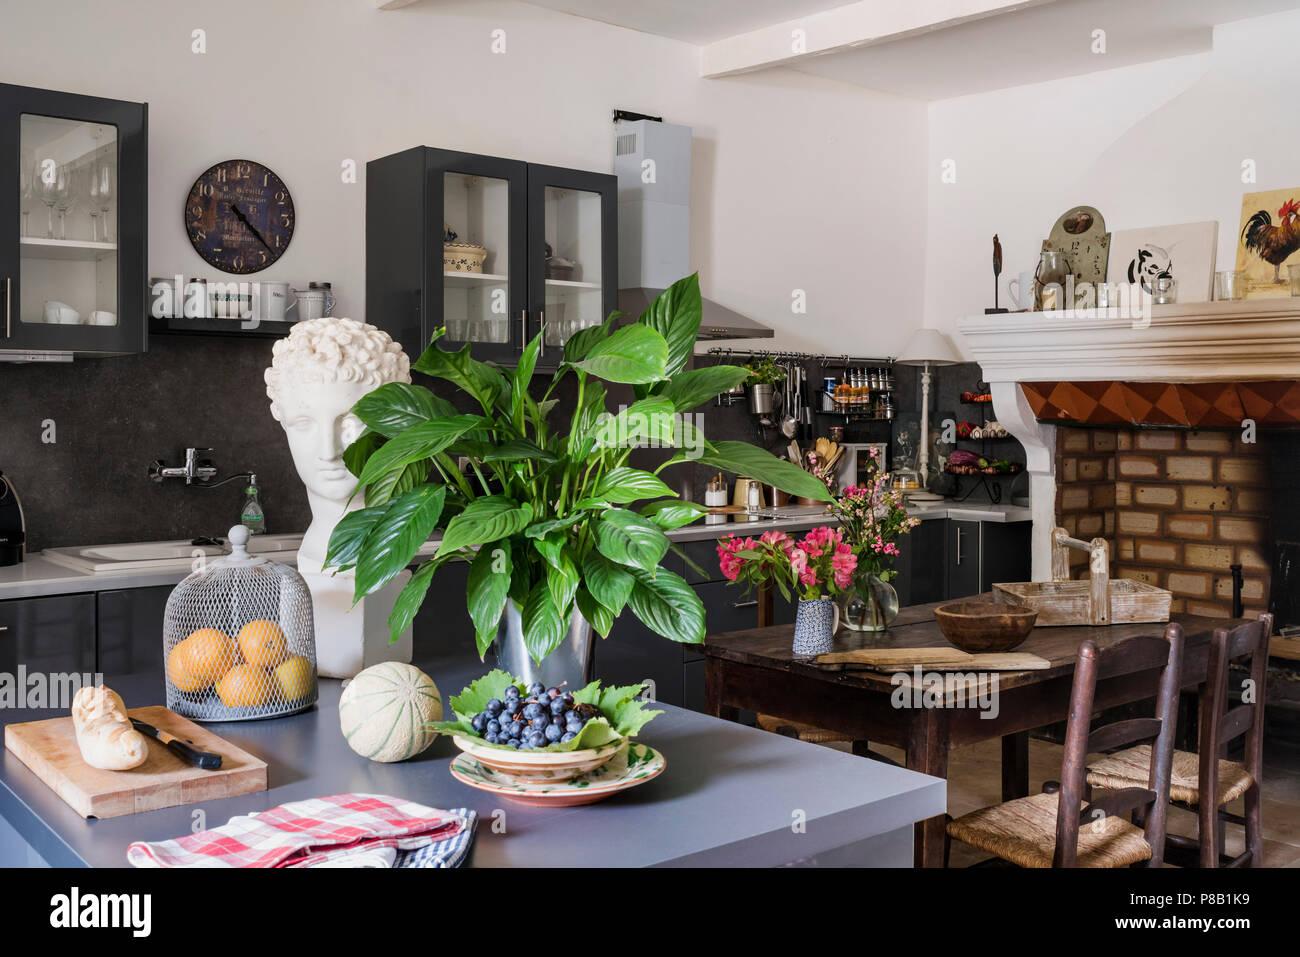 La cucina moderna e unità di isola con antico camino trattenuto. Xix ...